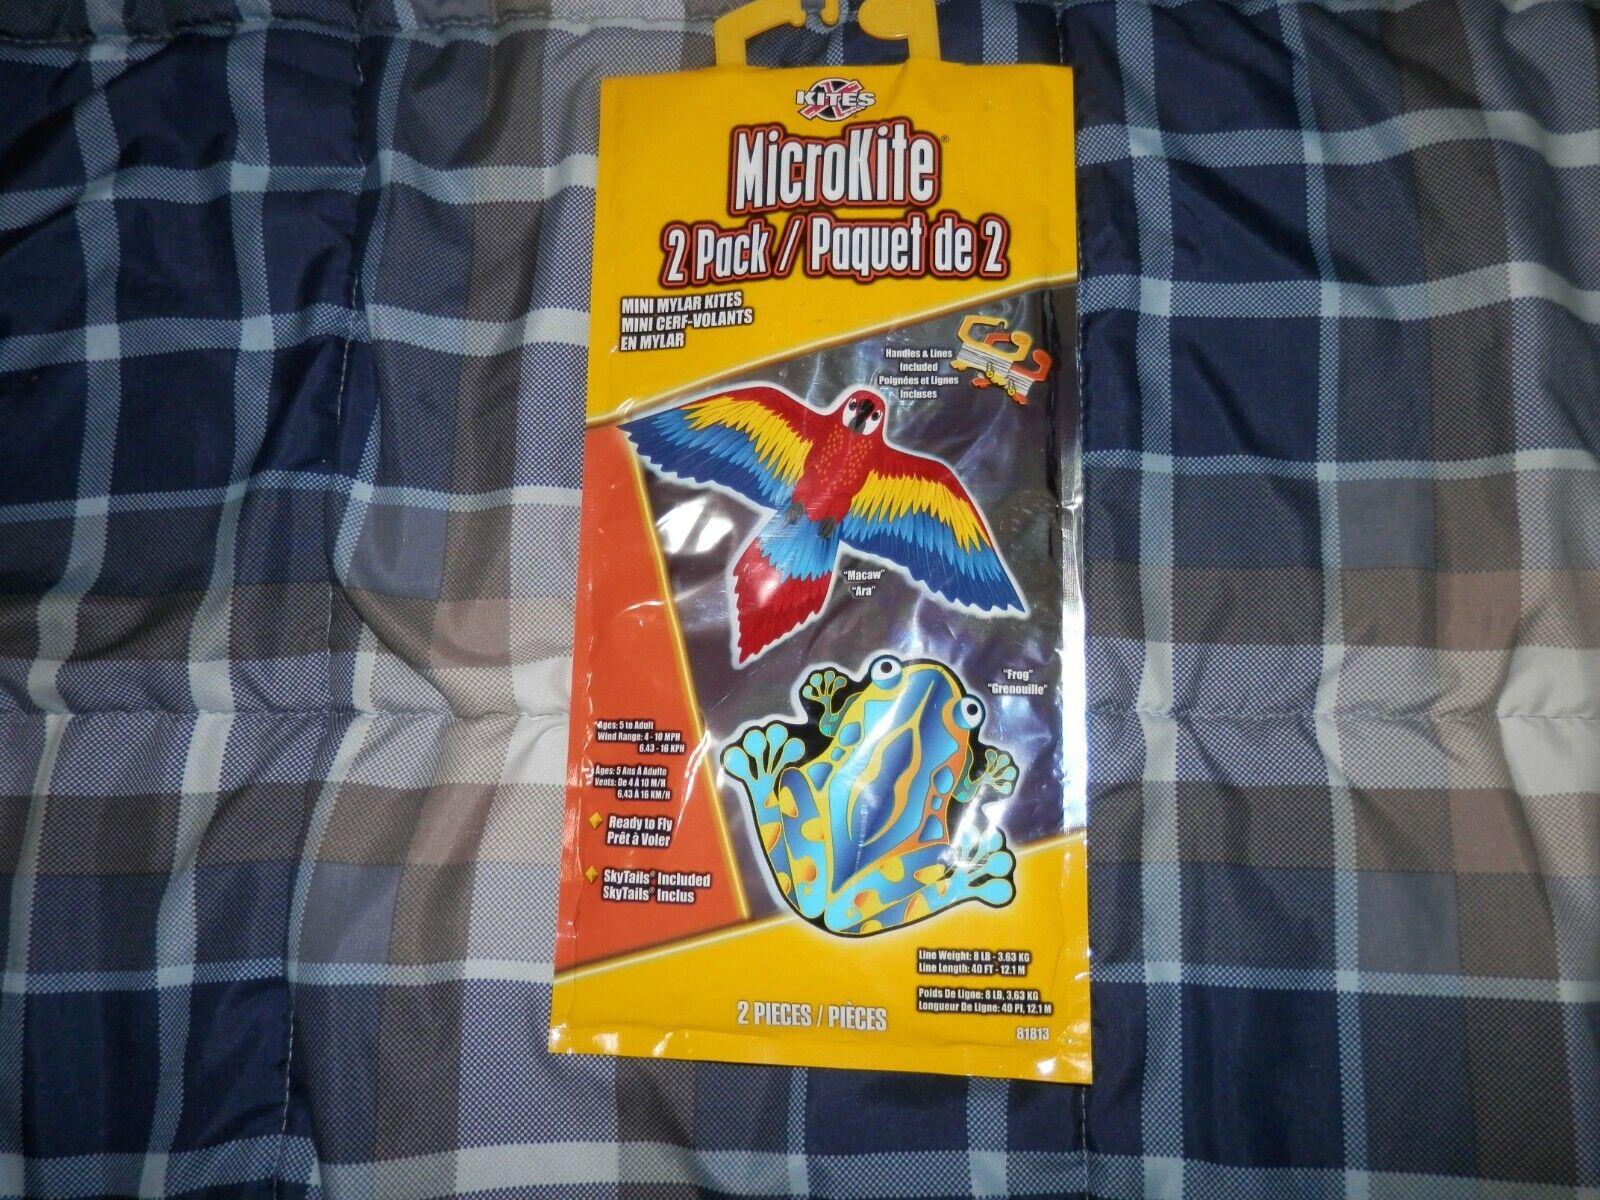 unopened 2 pack microkite mini mylar kites